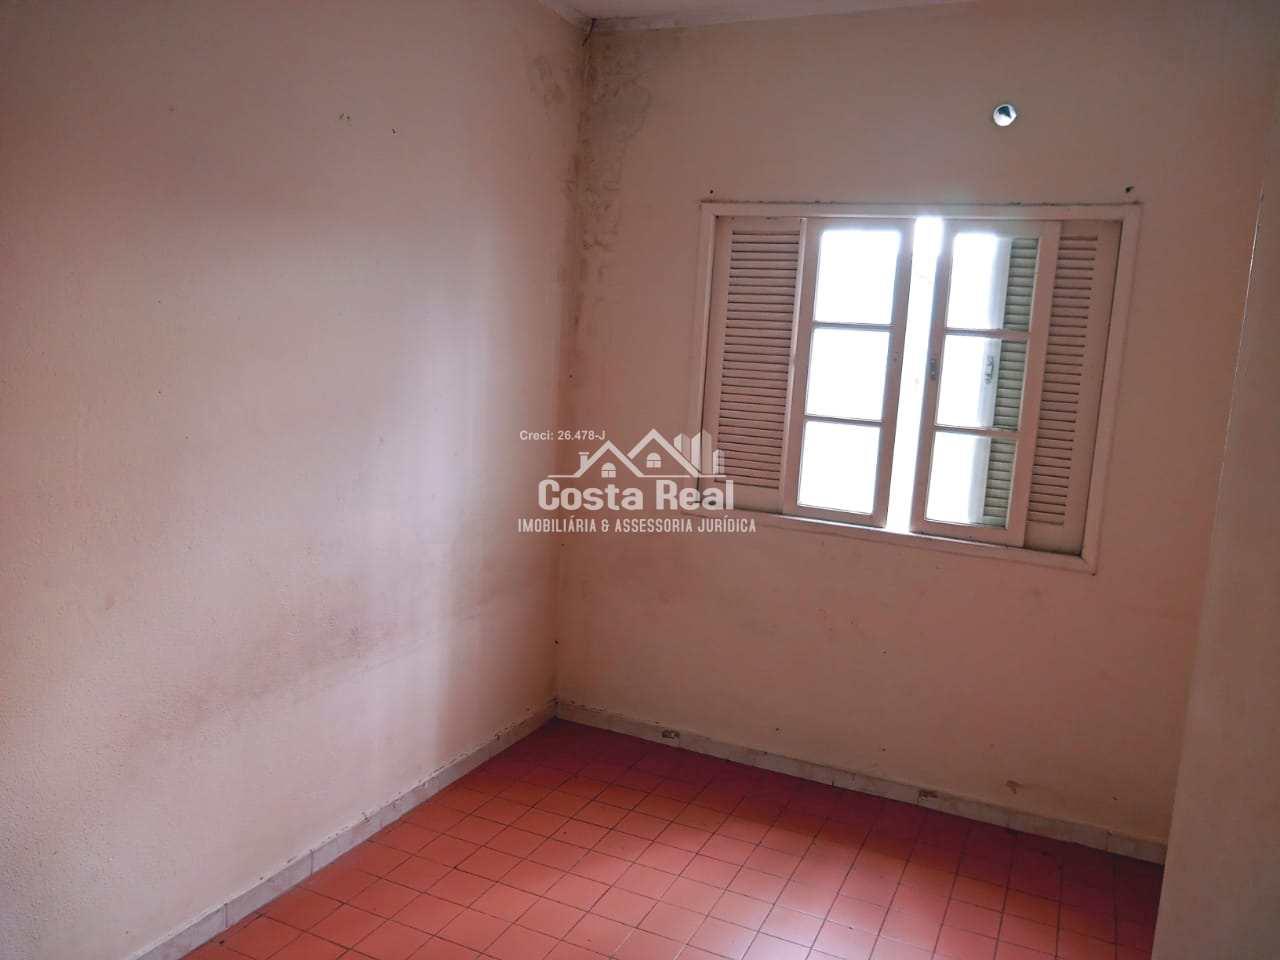 Casa com 3 dorms, Tupi, Praia Grande - R$ 490 mil, Cod: 1200